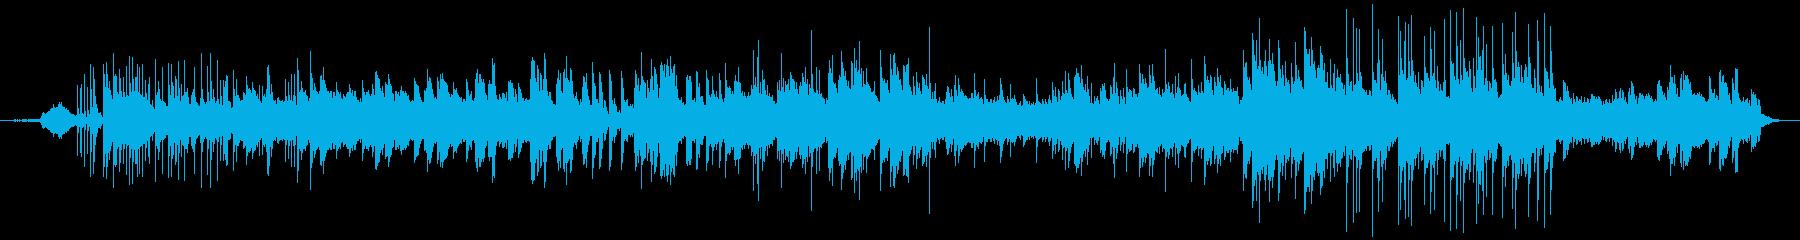 エレクトロニック 説明的 静か エ...の再生済みの波形